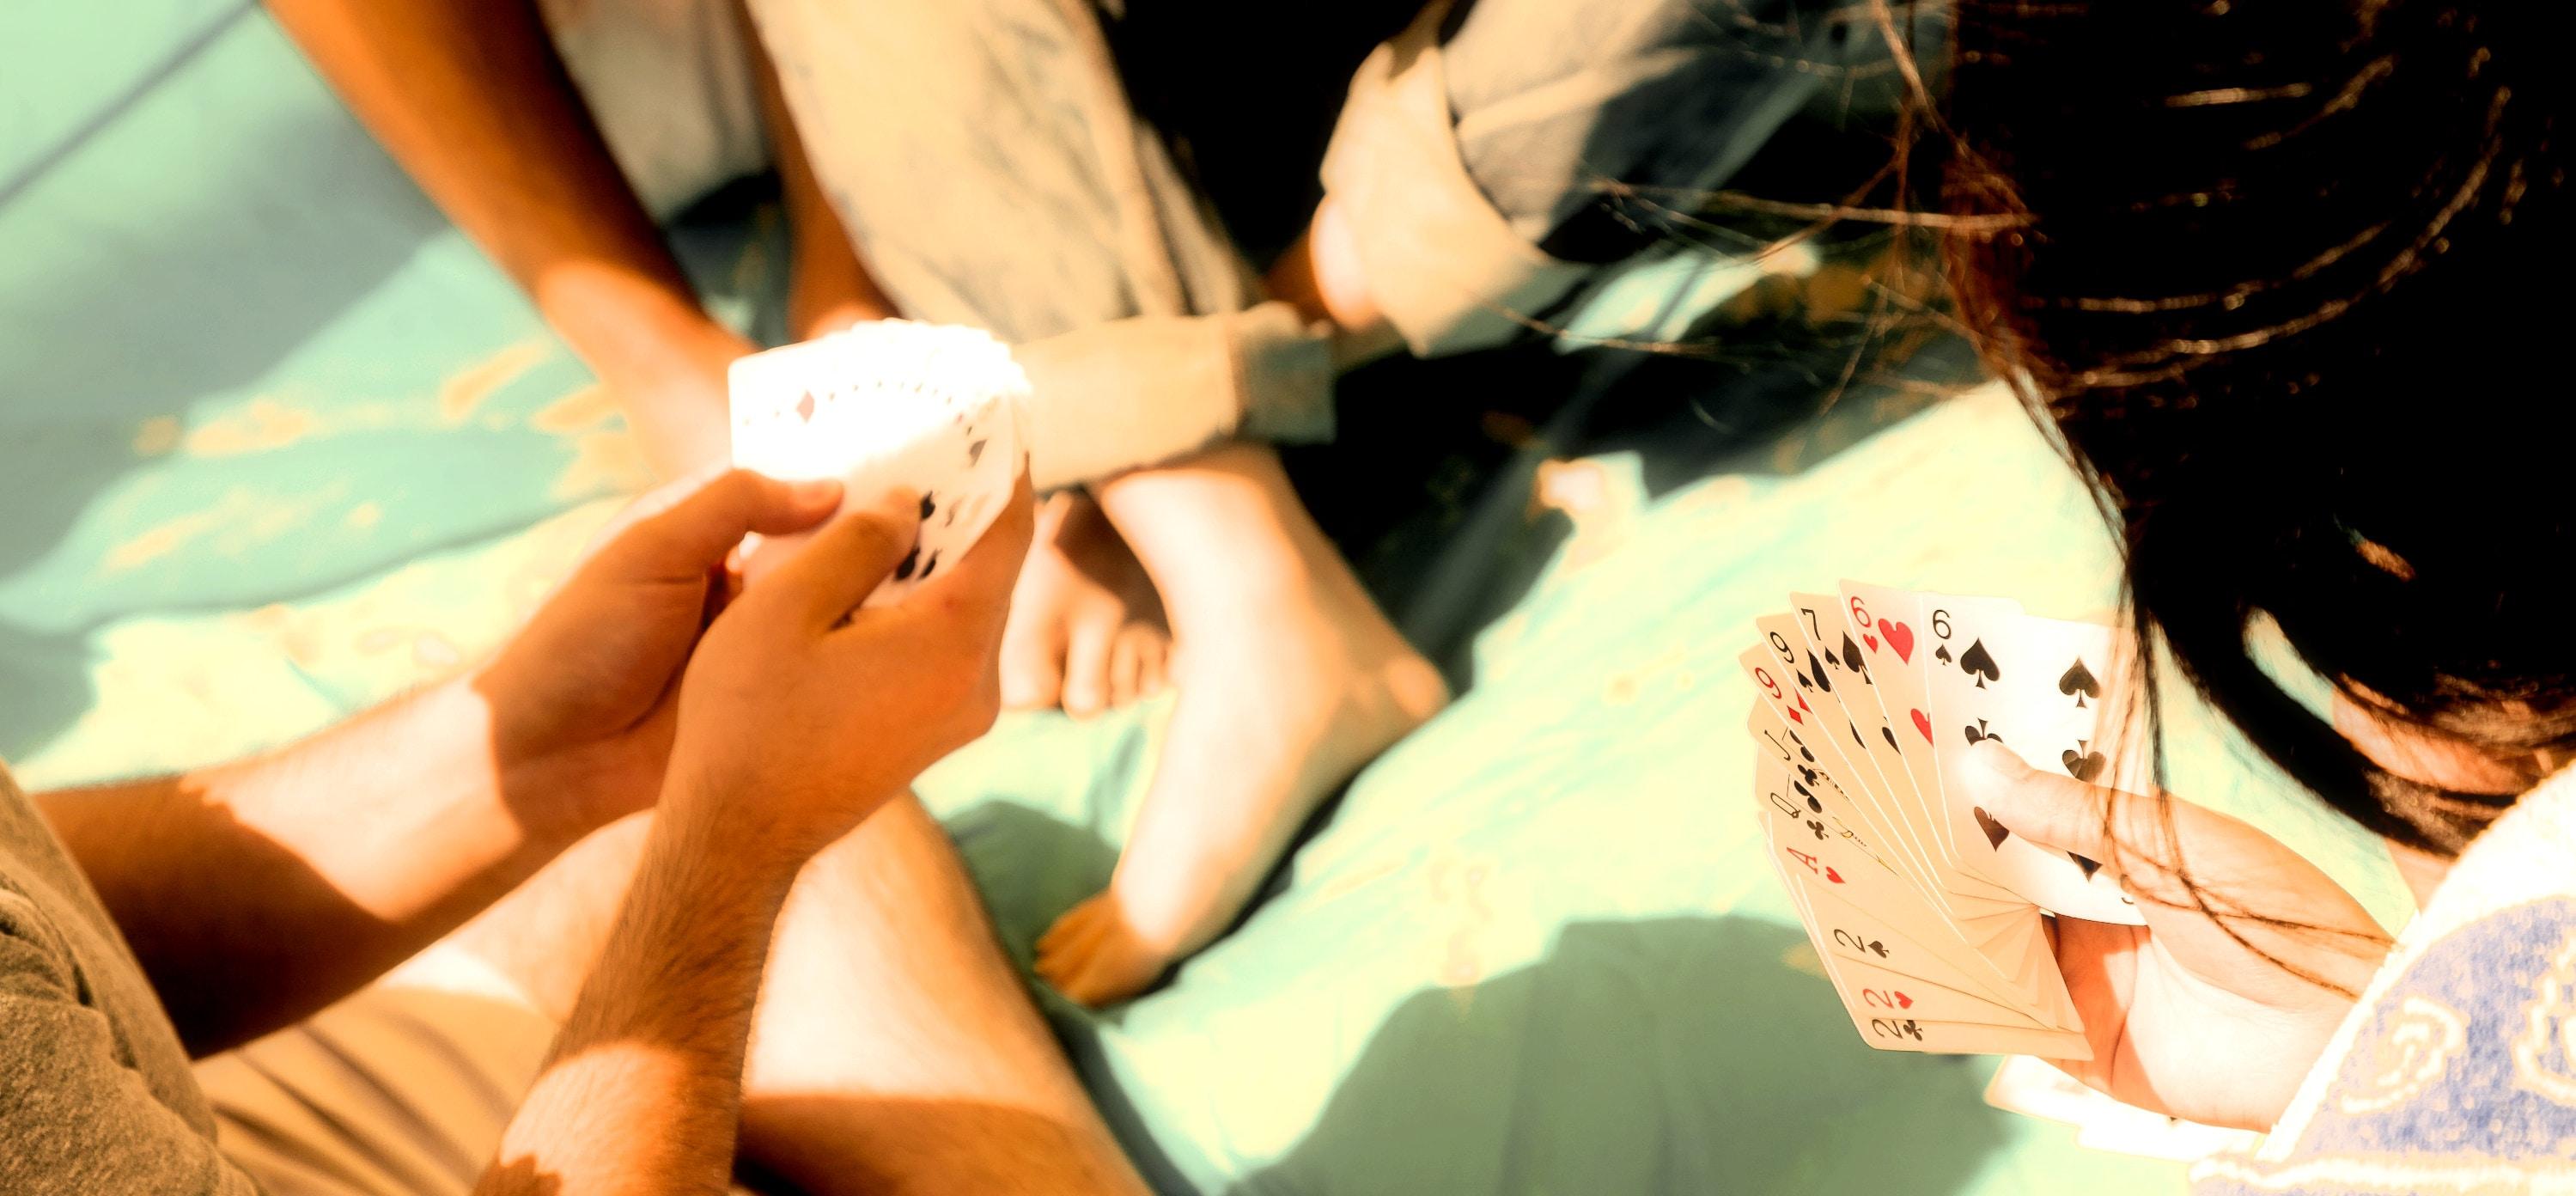 Fun in the sun: 10 επιτραπέζια που χωράνε άνετα στη βαλίτσα των διακοπών